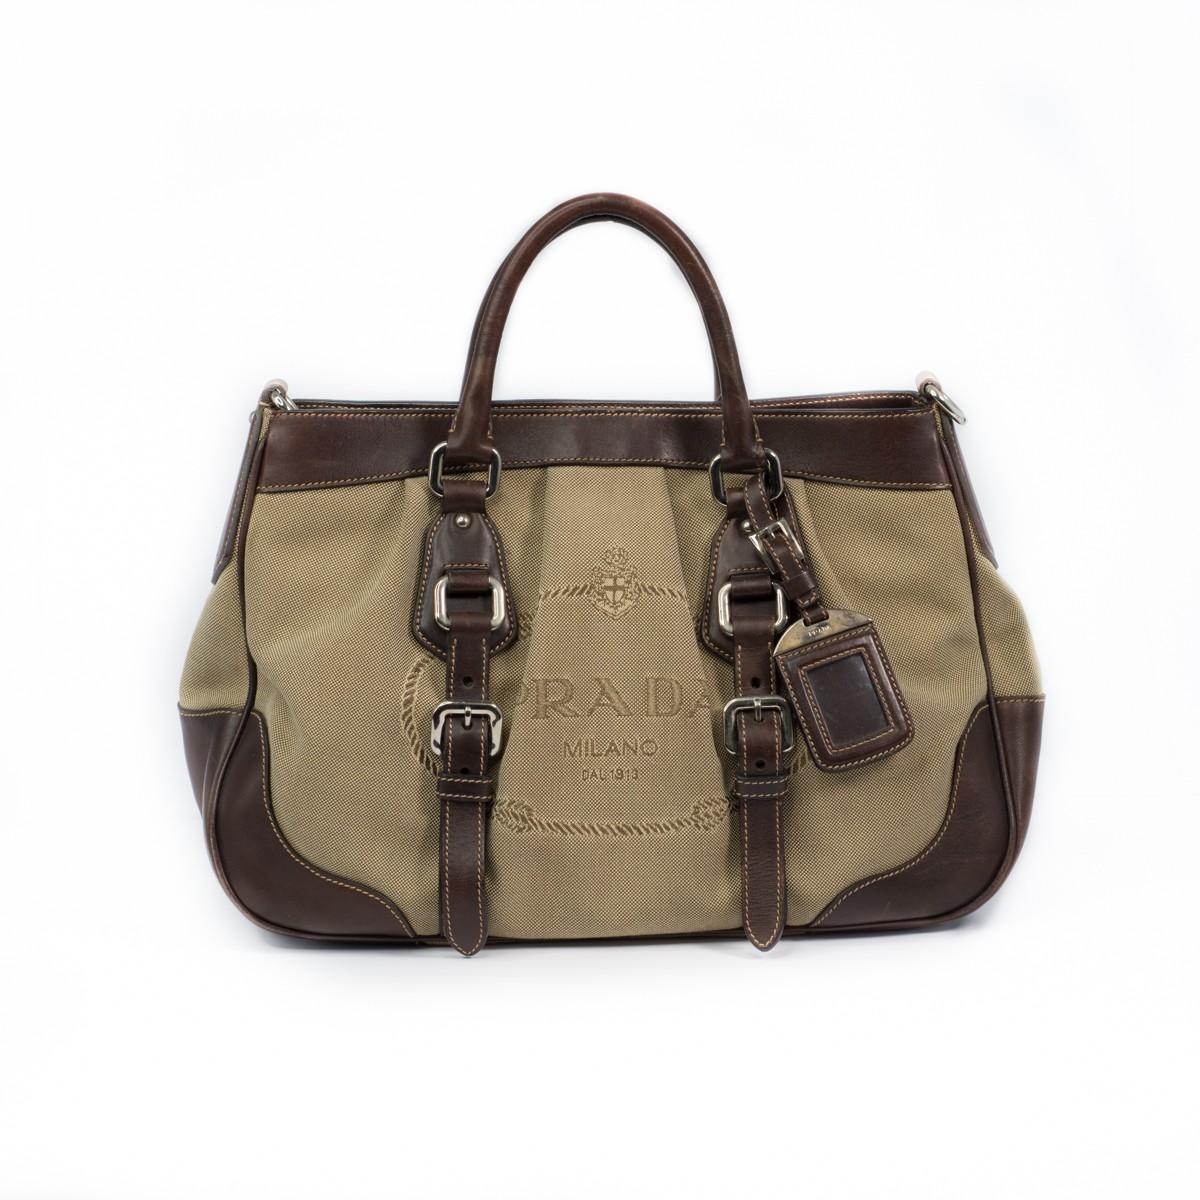 8480af3b85d Prada Brown Logo Jacquard Canvas Leather Trim Buckled Satchel Bag